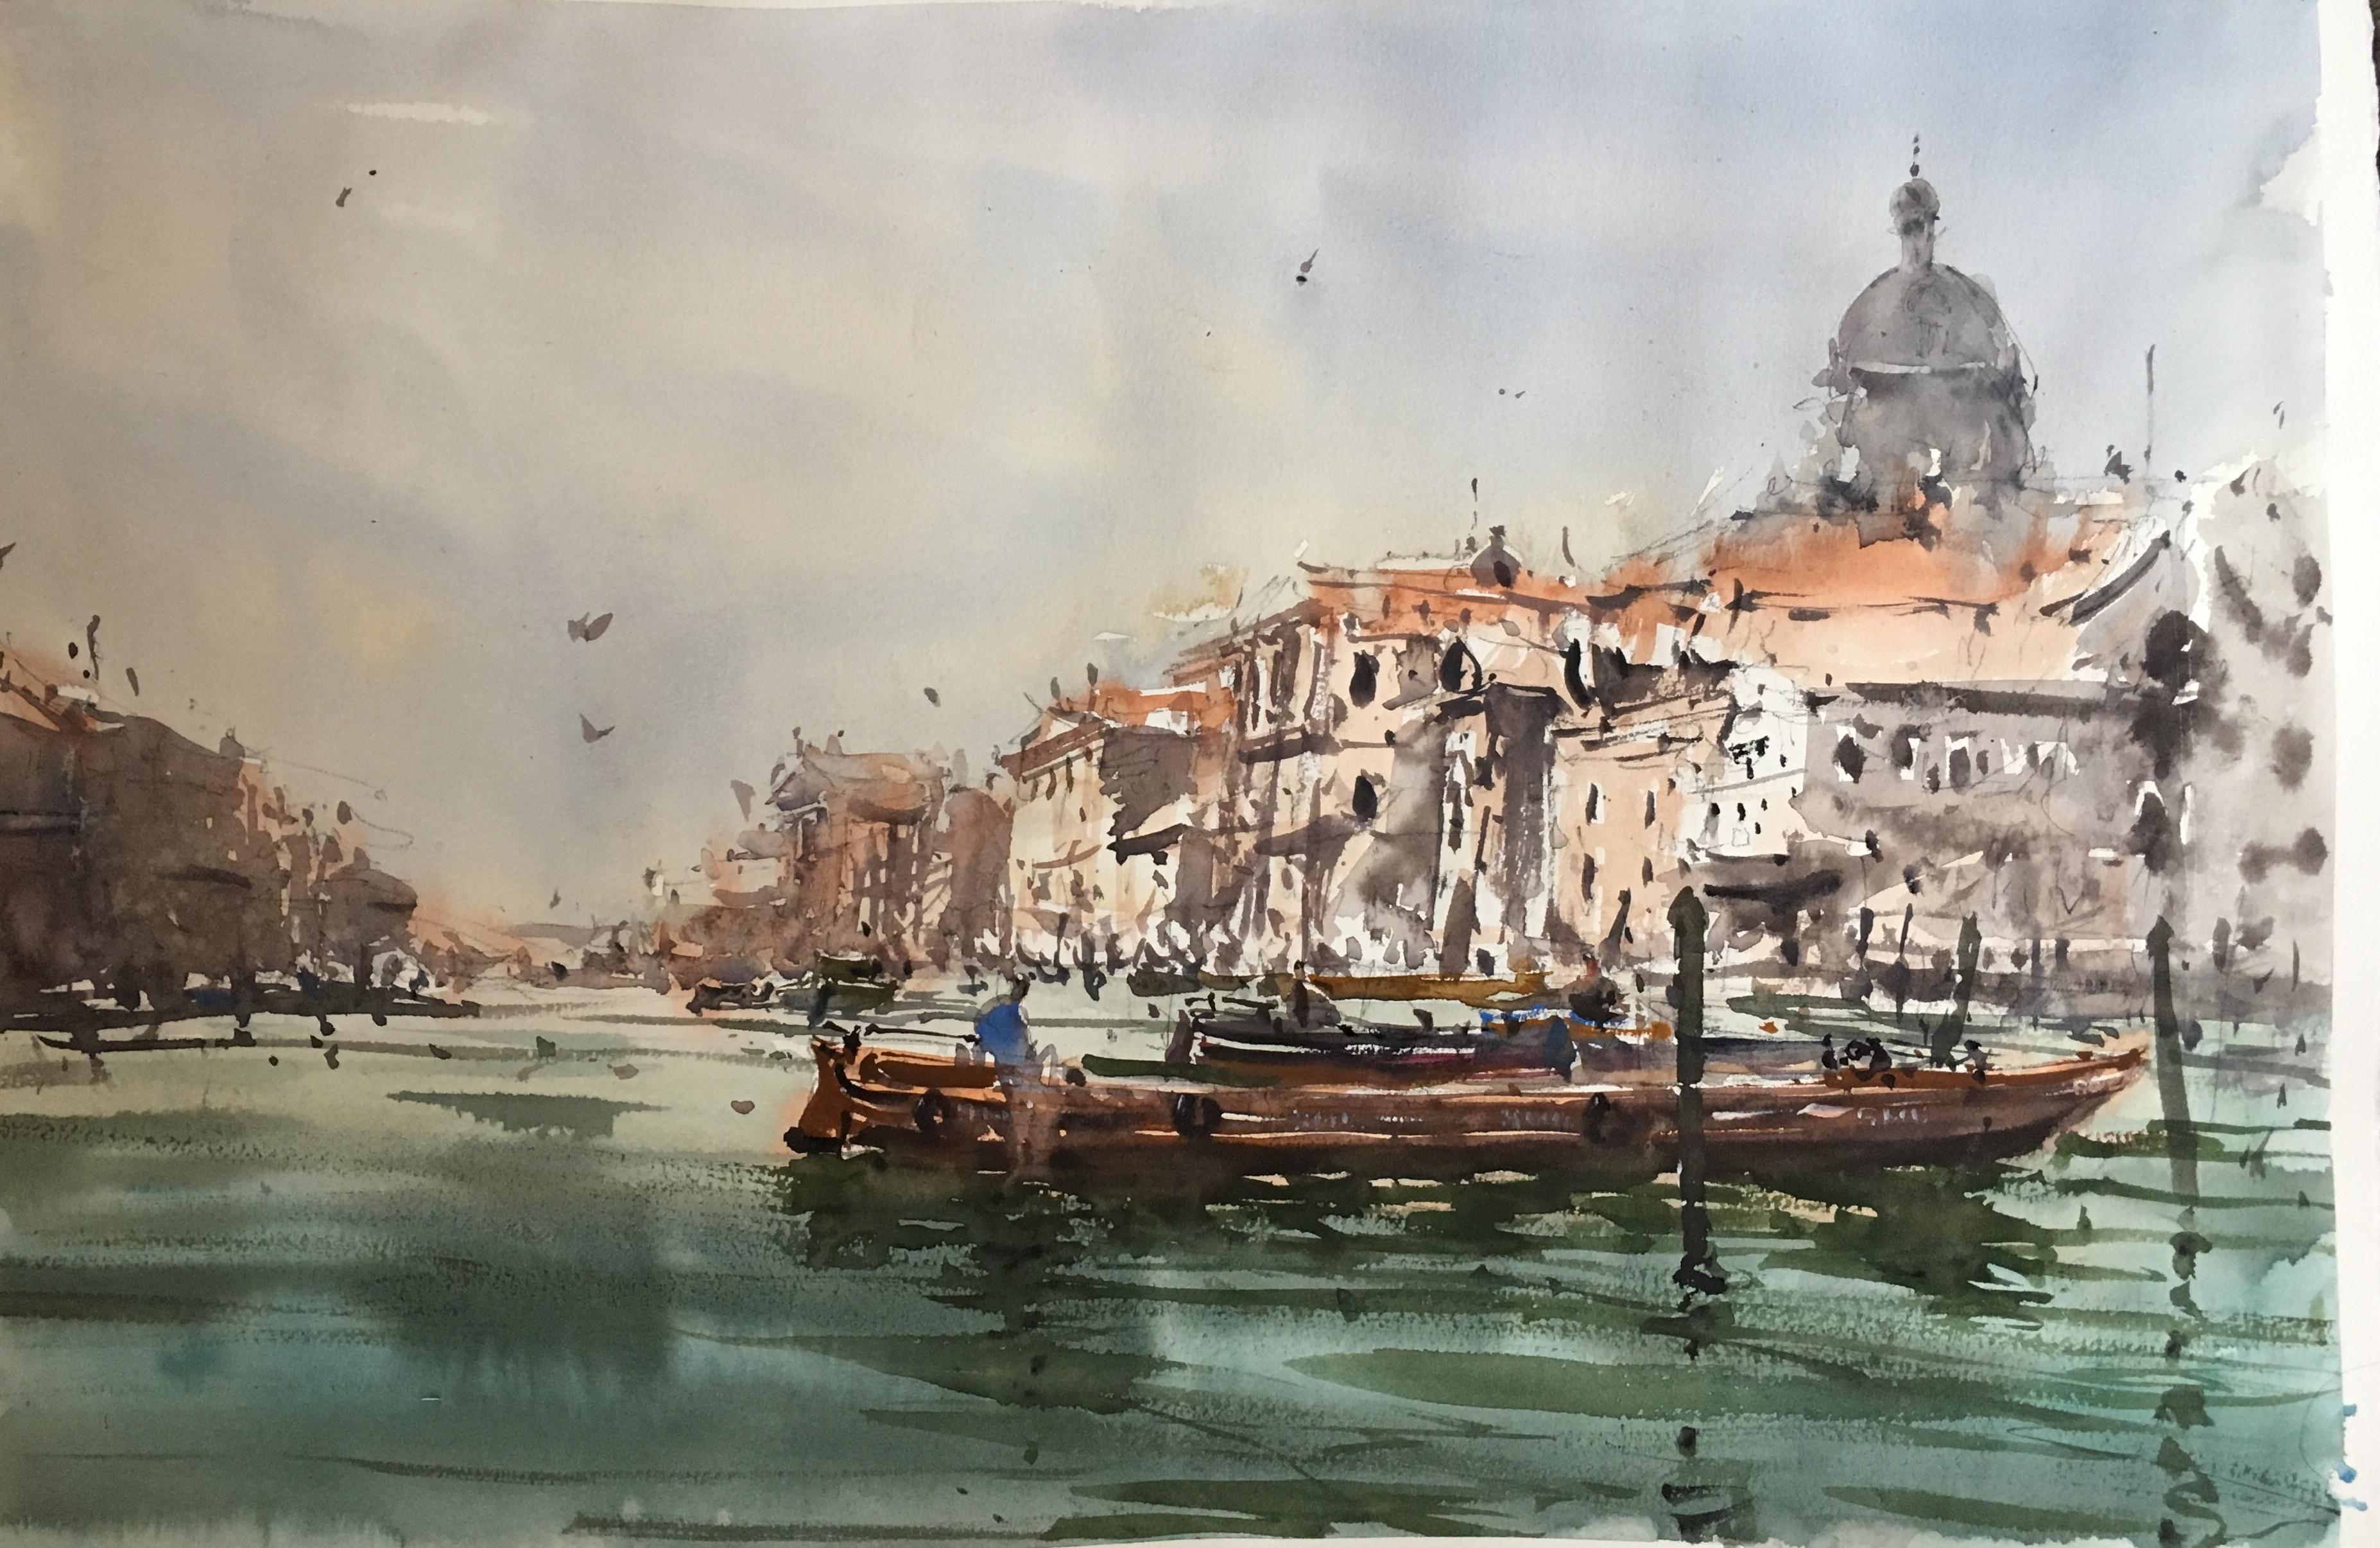 На Гранд Канале, Венеция/ At Grand